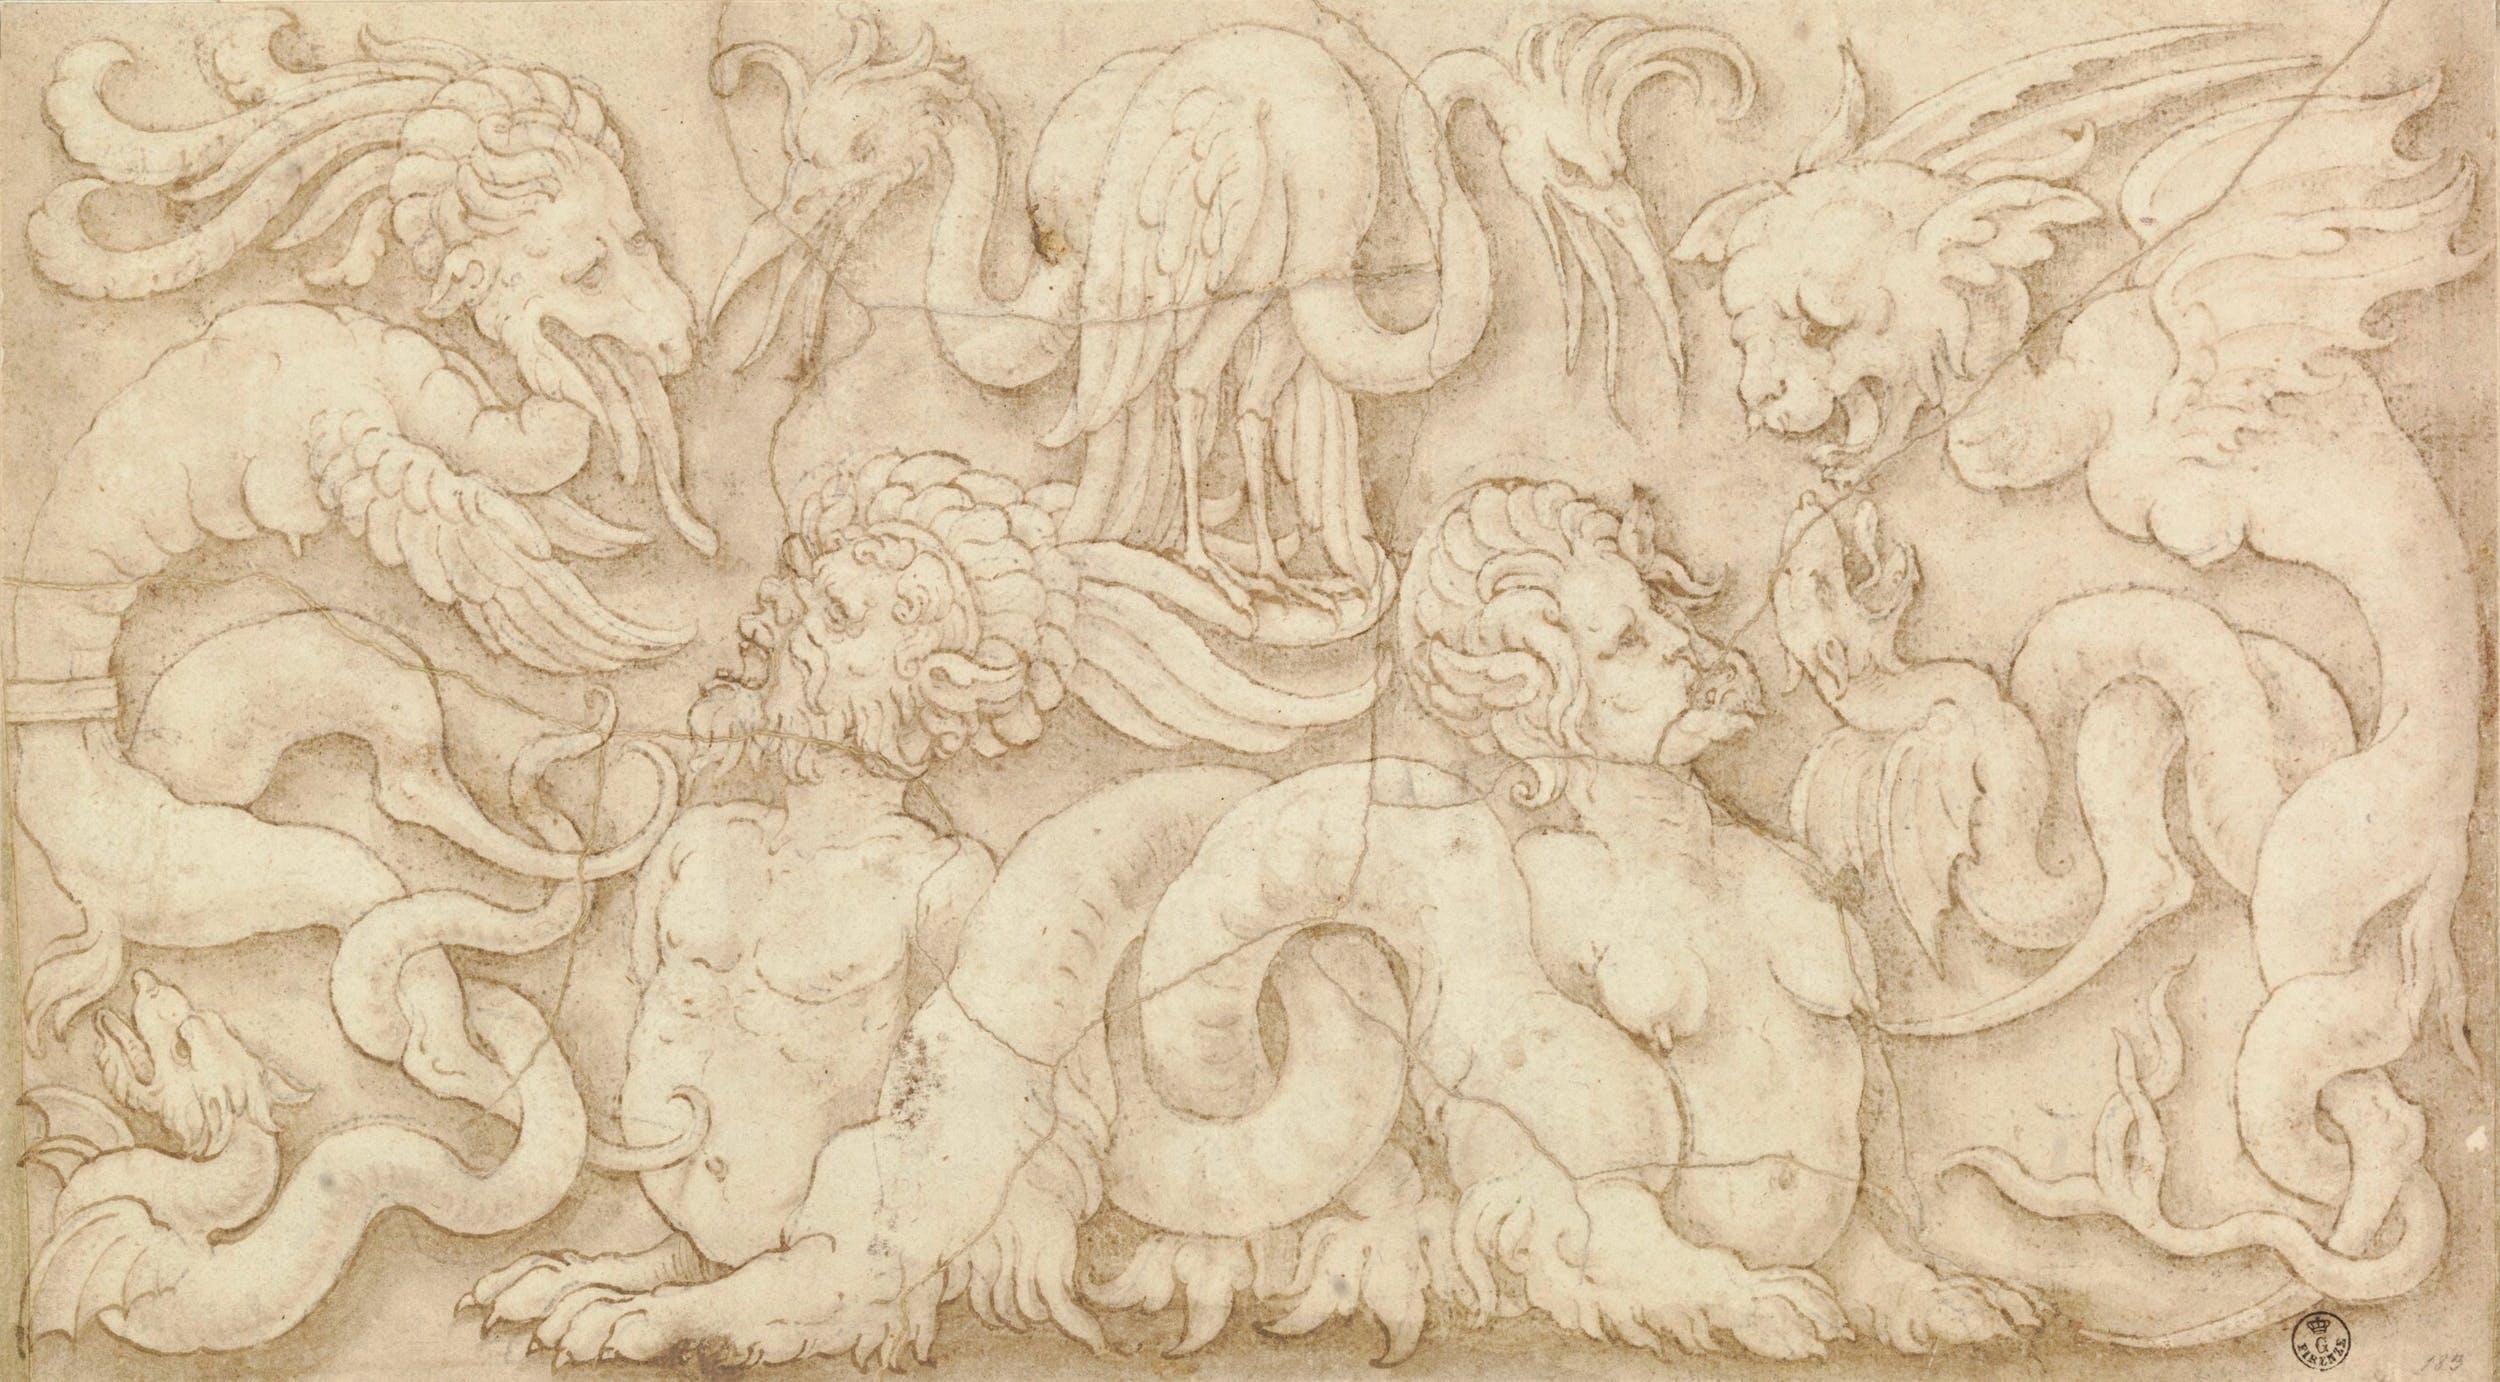 Penna e inchiostro, pennello e inchiostro diluito, tracce di pietra nera, carta (202 x 364 mm.) - Inv. 1641 E